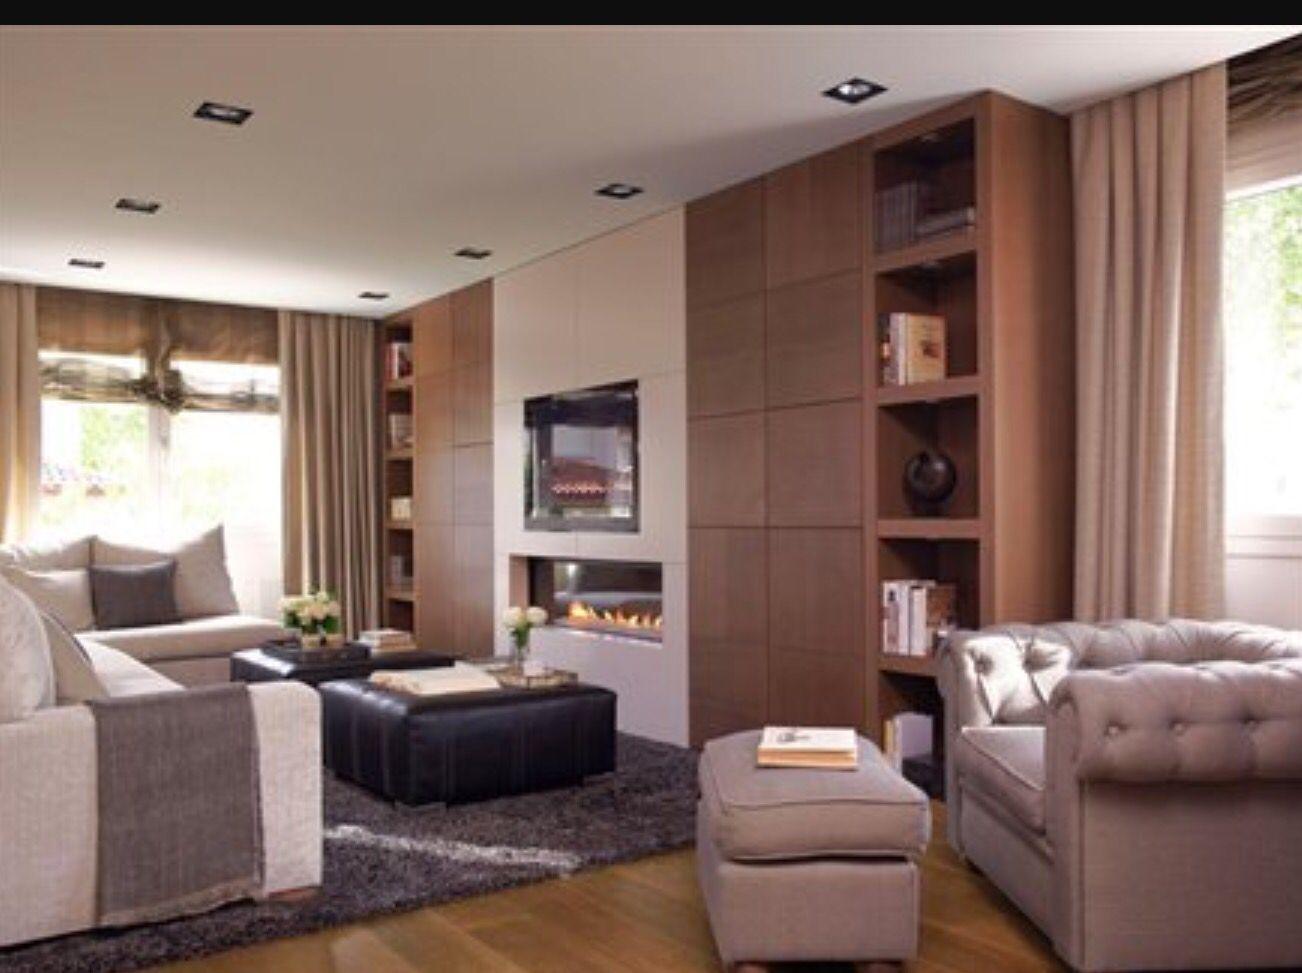 Tv chimenea integrados mueble tv y chimenea pinterest - Muebles de chimenea ...